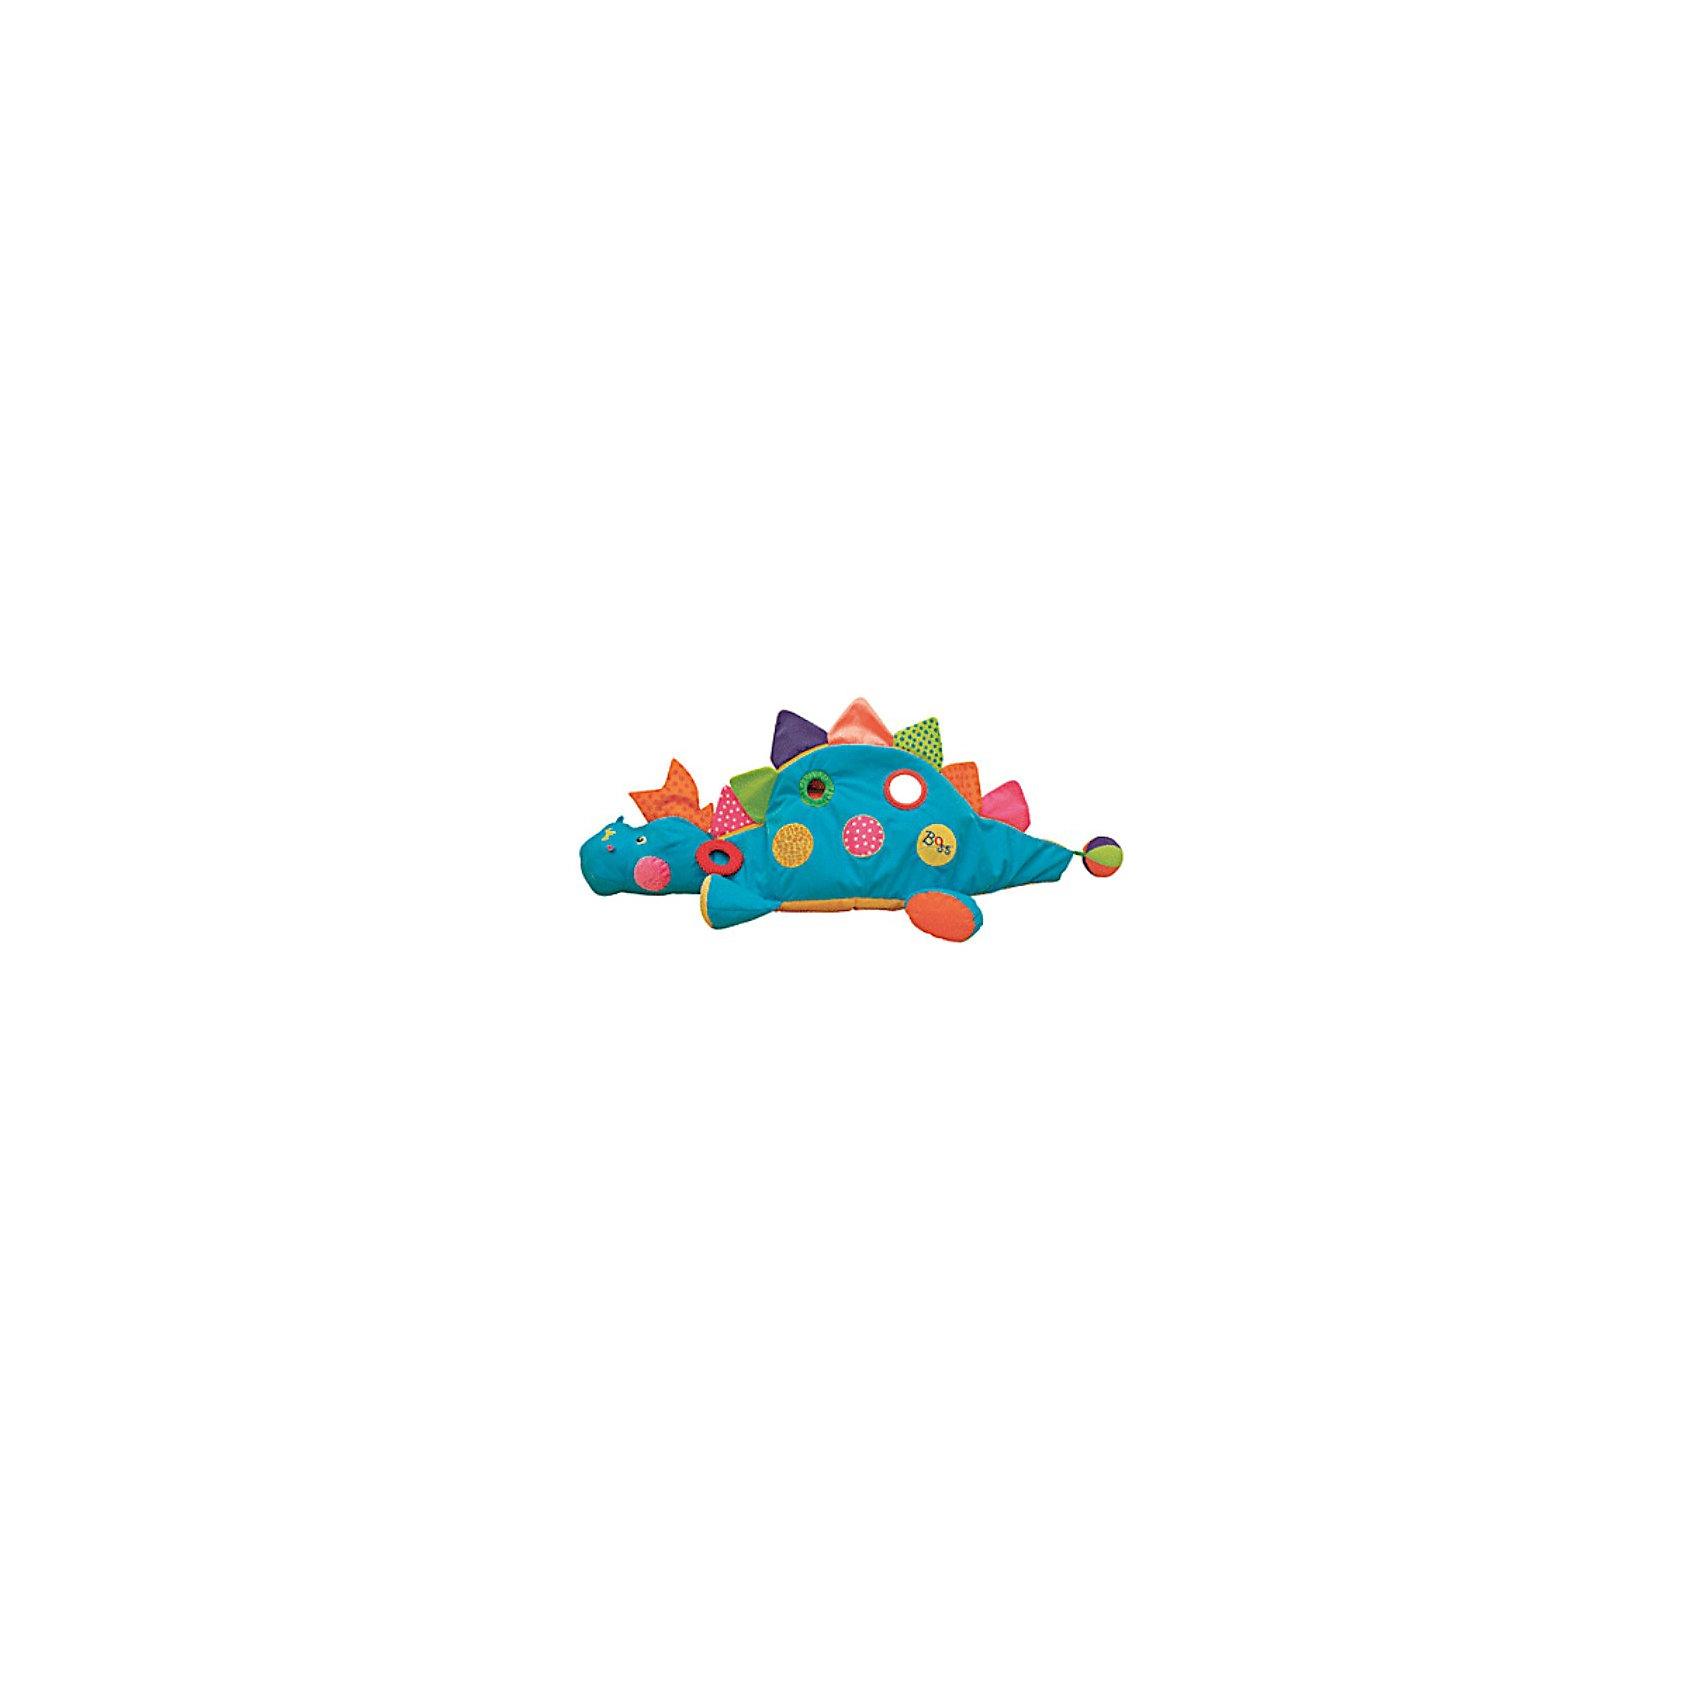 Ks Kids Развивающий центр BossЭтот развивающий центр стал одной из 10 лучших игрушек, которые появятся на рынке США в 2007году (Top 10 Toy Fair favorites for 2007). <br><br>Компания Ks Kids совместила в этой игрушке разные по цвету и фактуре материалы. Внутри динозаврика находятся мягкие цветные шарики, благодаря чему игрушка может превратиться в сухой бассейн, в котором ребёнок будет весело проводить время. Большой и лёгкий «I am the Boss» станет другом ребёнка, ведь новая эта игрушка позволит ребёнку развивать физическое, социальное и умственное развитие.<br><br>Дополнительная информация:<br><br>Длина игрушки: 120 см.<br><br>Материал: Мягкая ткань, пластик<br><br><br>Прекрасный развивающий центр для Вашего ребёнка.<br><br>Ширина мм: 510<br>Глубина мм: 550<br>Высота мм: 200<br>Вес г: 1867<br>Возраст от месяцев: 12<br>Возраст до месяцев: 36<br>Пол: Унисекс<br>Возраст: Детский<br>SKU: 2148731